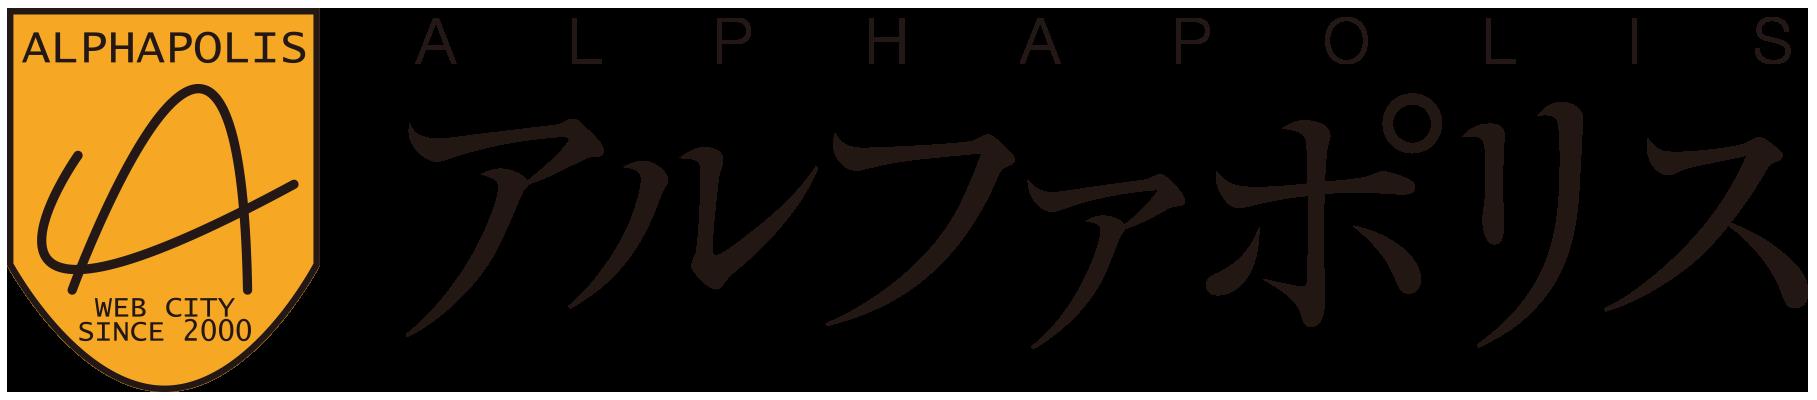 アルファポリスさま 導入事例 | ベアメール